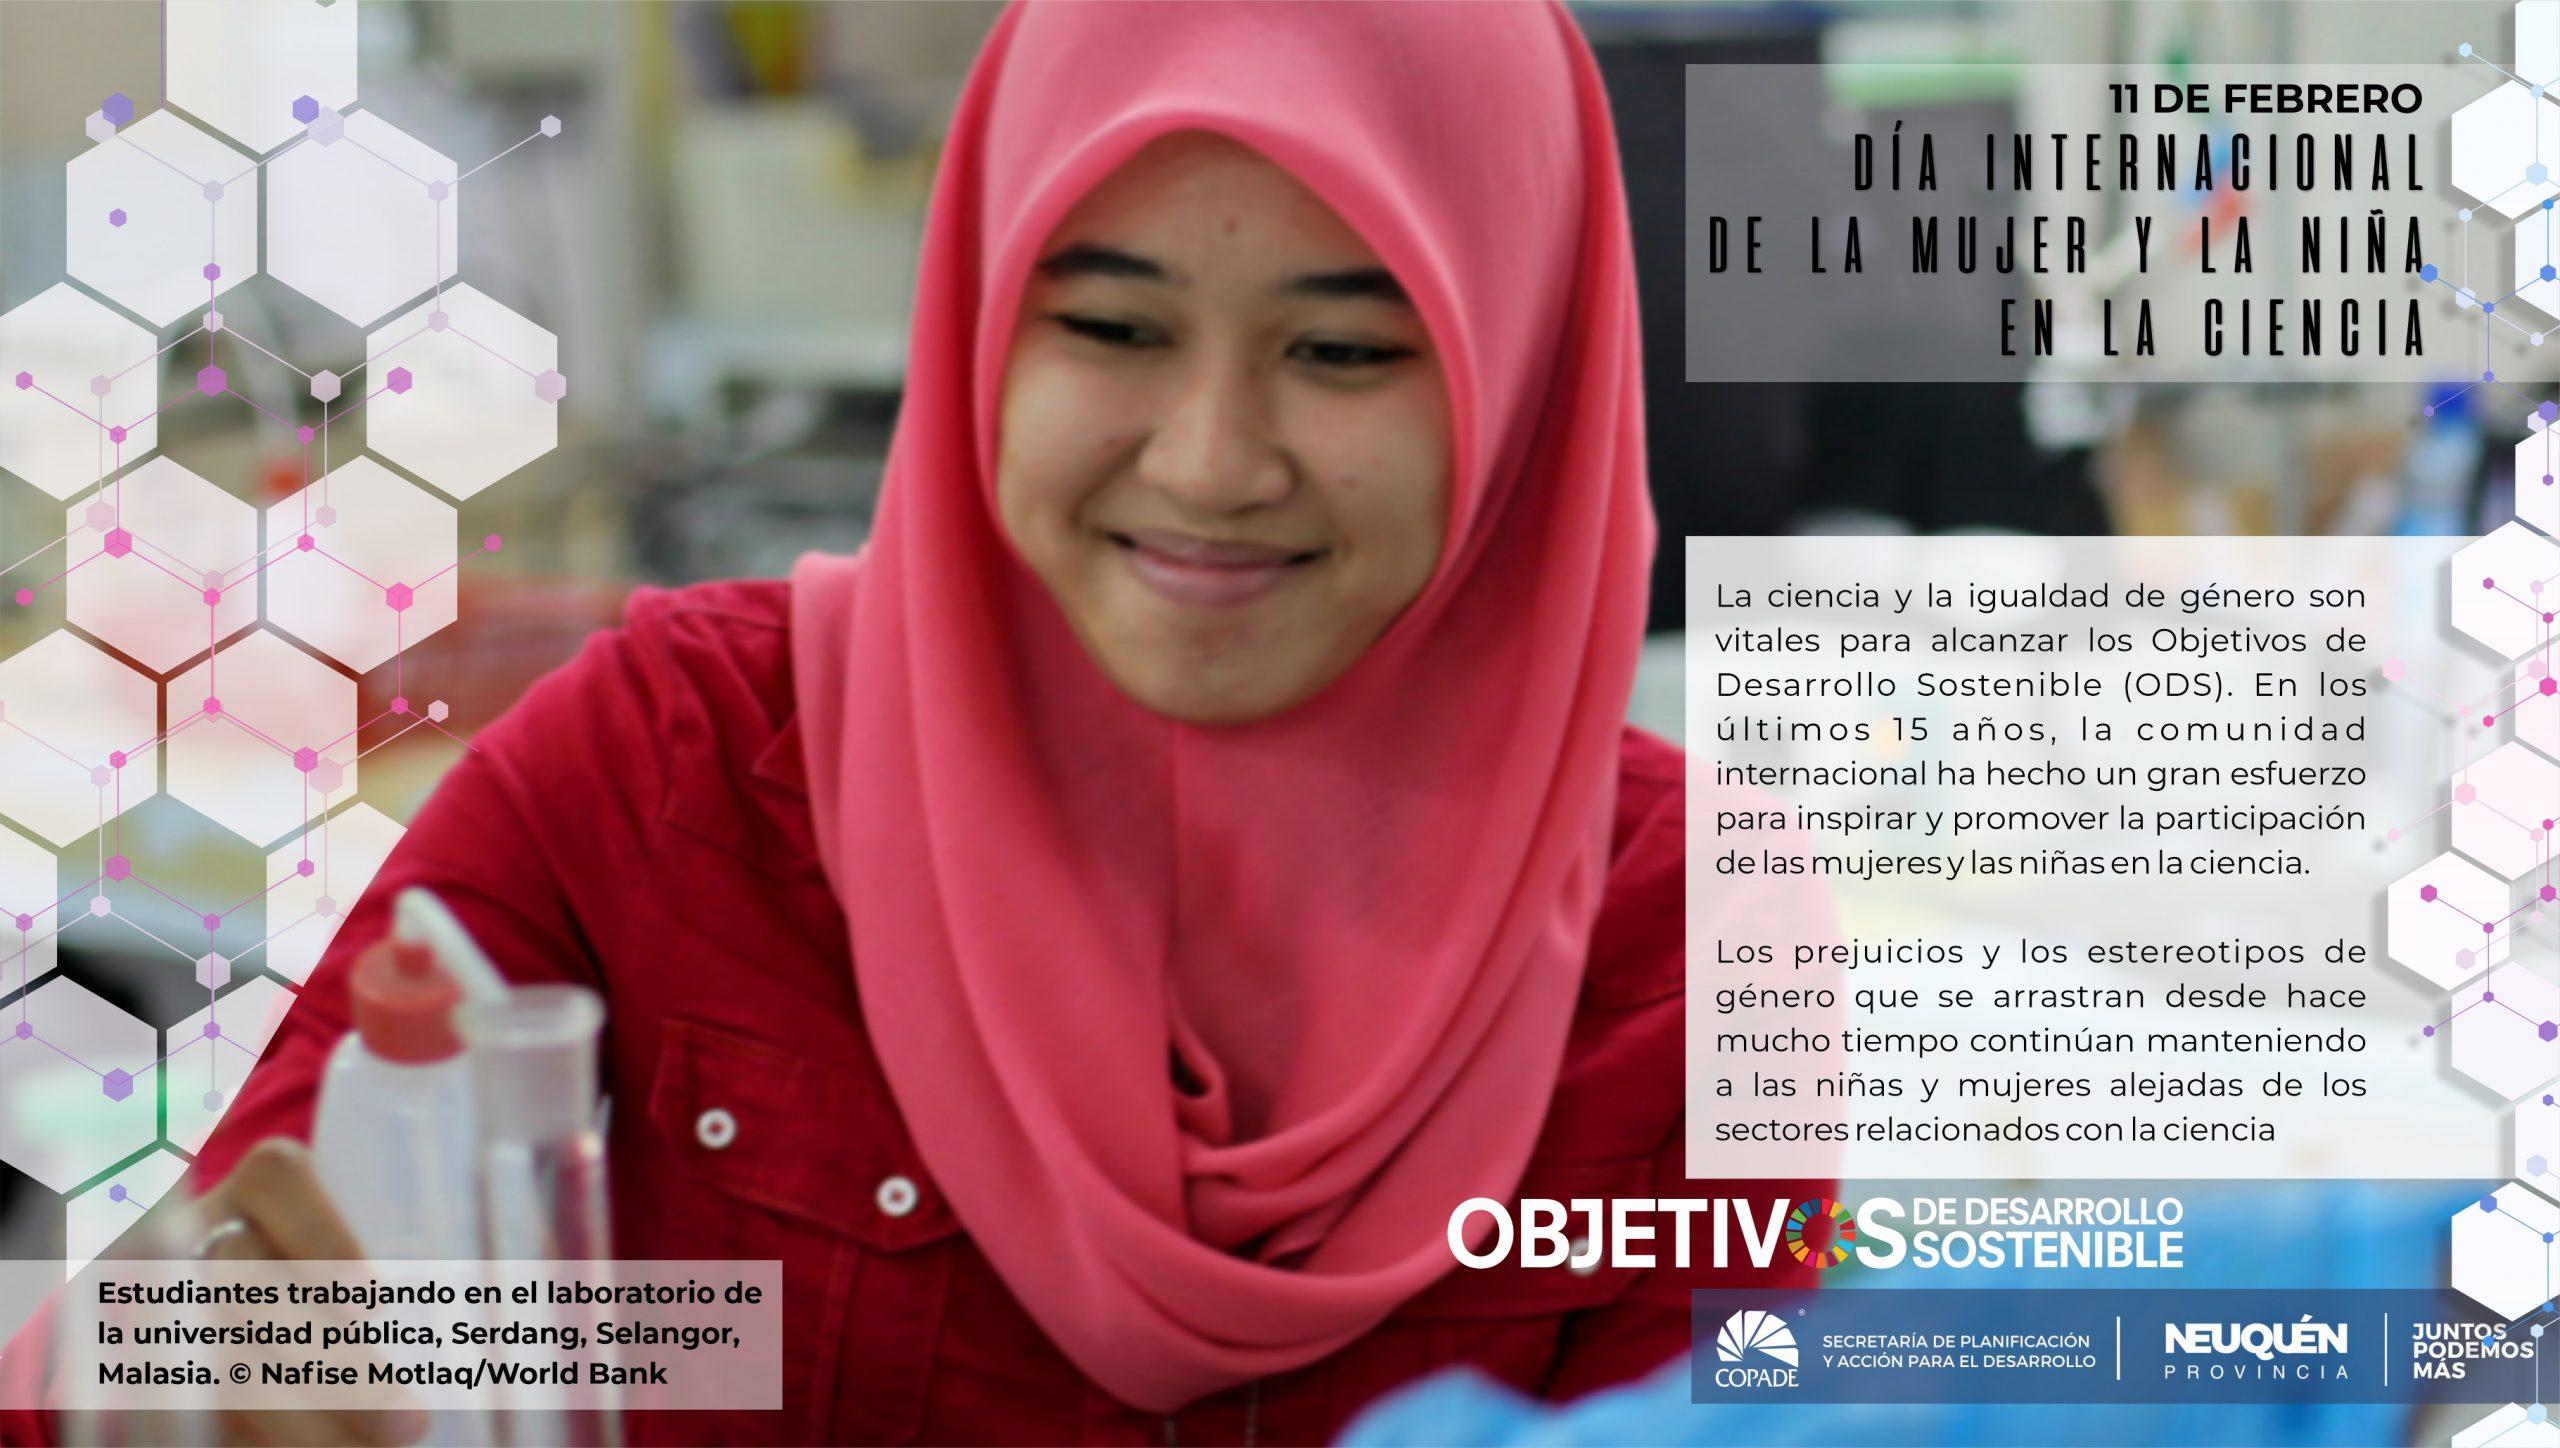 11 de febrero | Día Internacional de la Mujer y la Niña en la Ciencia